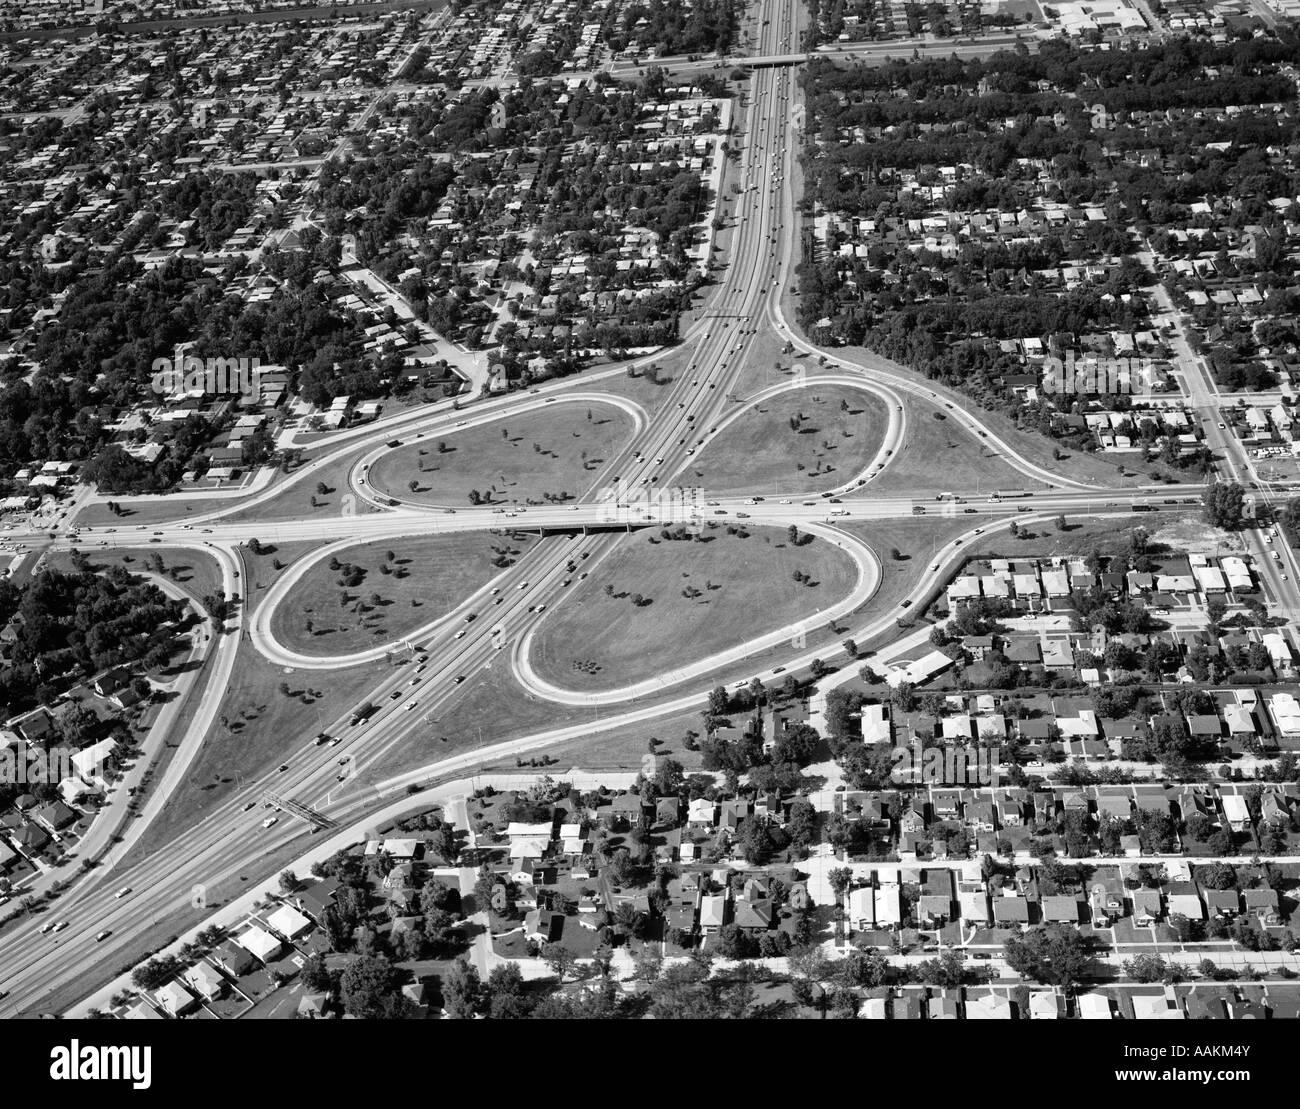 1960 Vue aérienne de l'ILLINOIS AVEC CLOVERLEAF maisons de banlieue qui l'entoure DE TOUS LES CÔTÉS Photo Stock